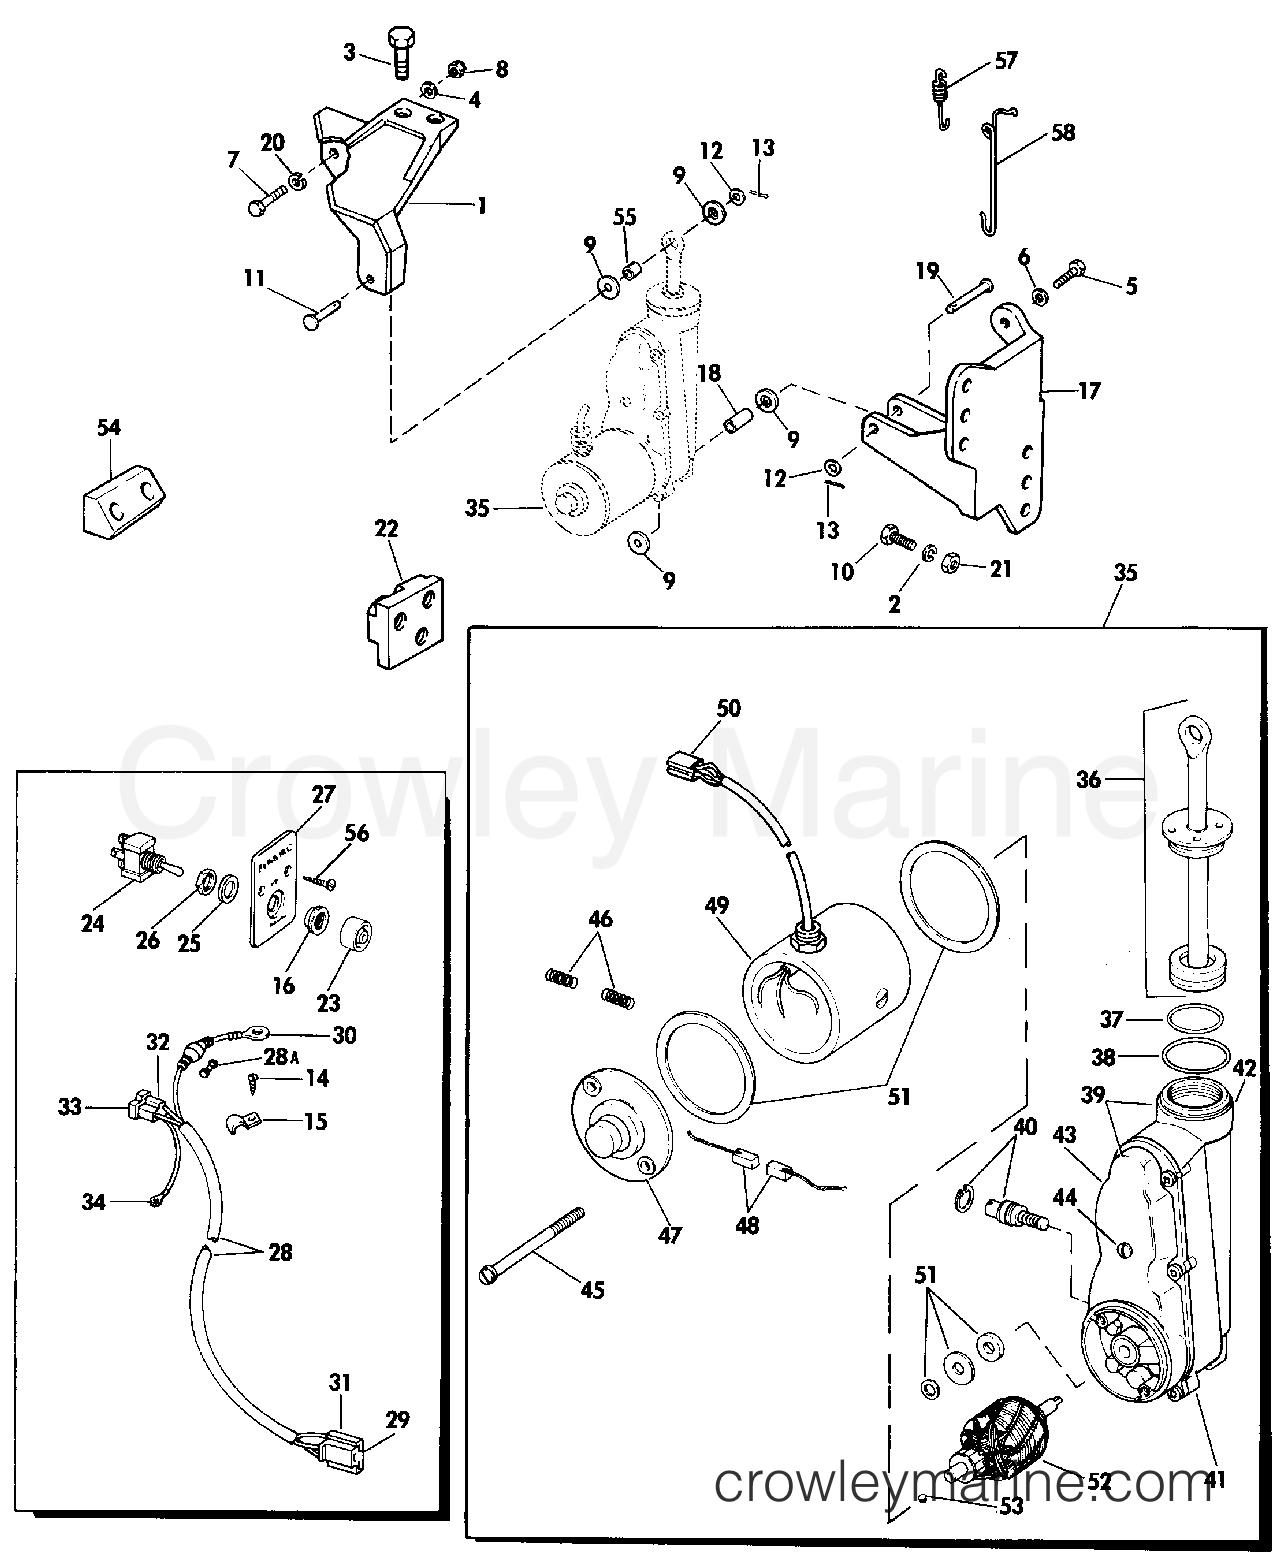 1984 Rigging Parts Accessories - Power Trim & Tilt - POWER TILT KIT 25, 30 & 35 ELECTRIC